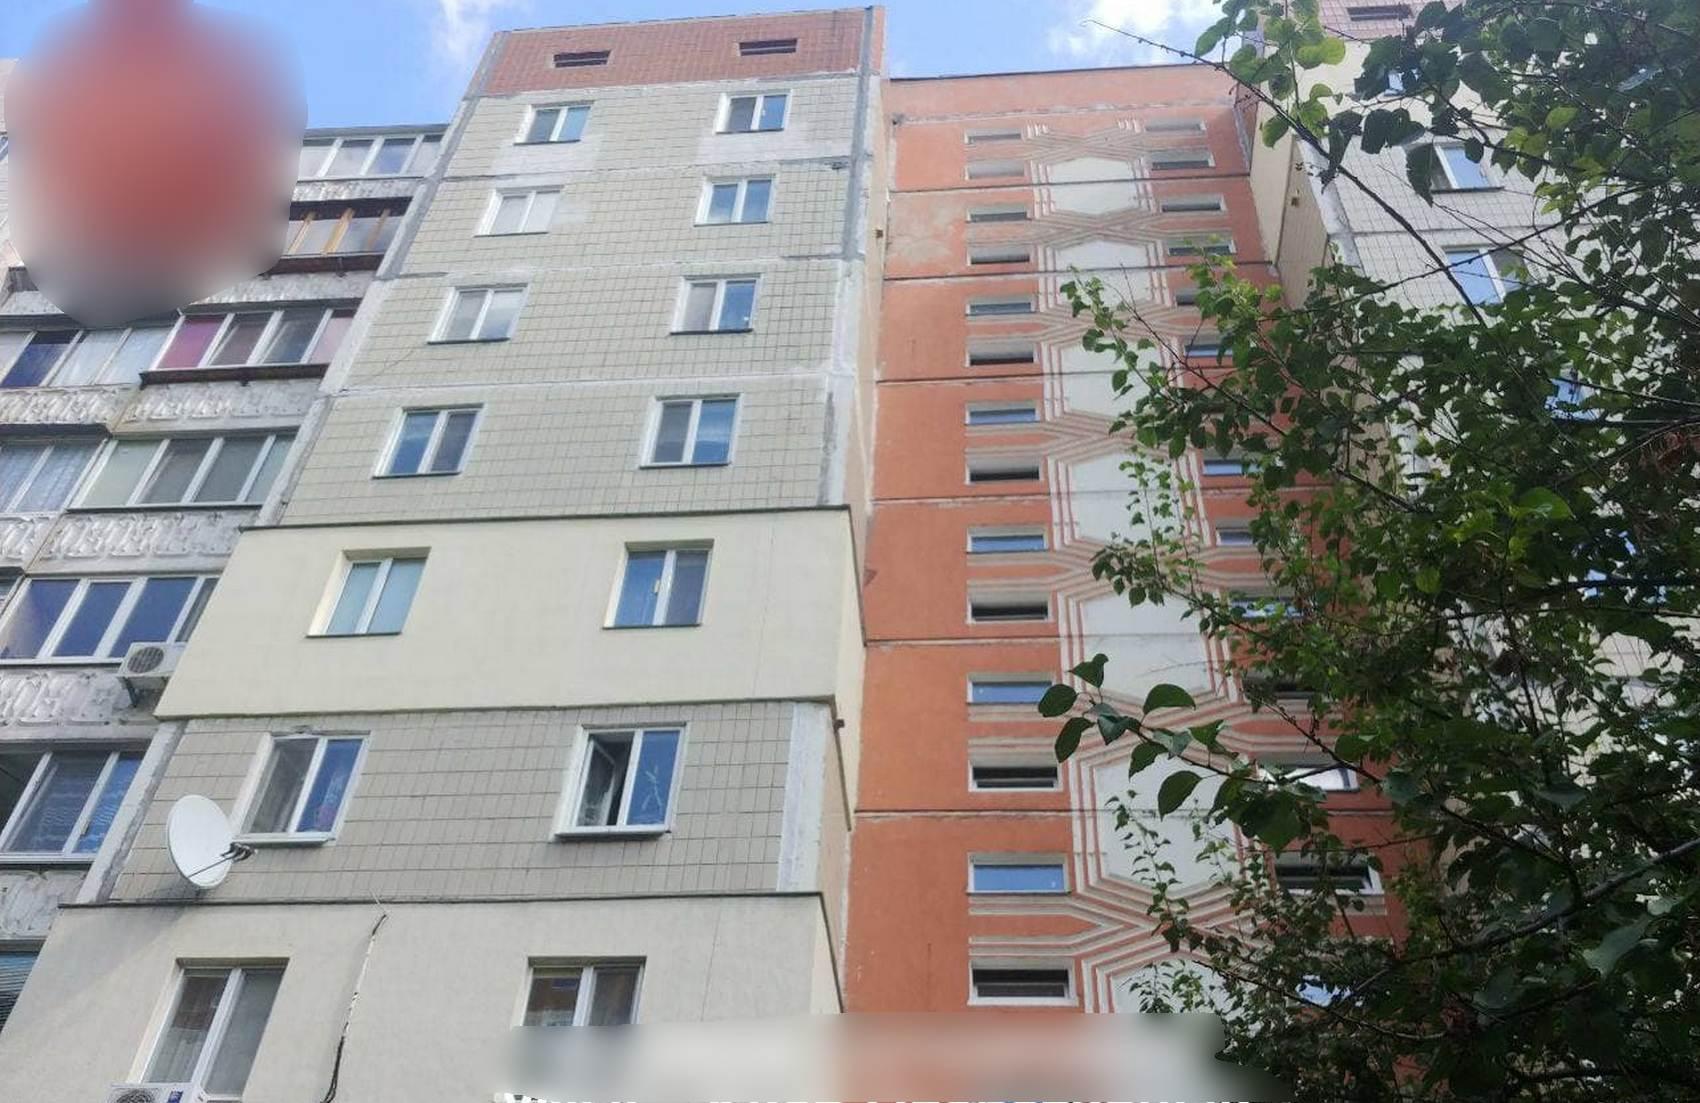 Нанёс 15 ударов ножом, расчленил и положил тело в морозилку: появились подробности убийства в Киеве